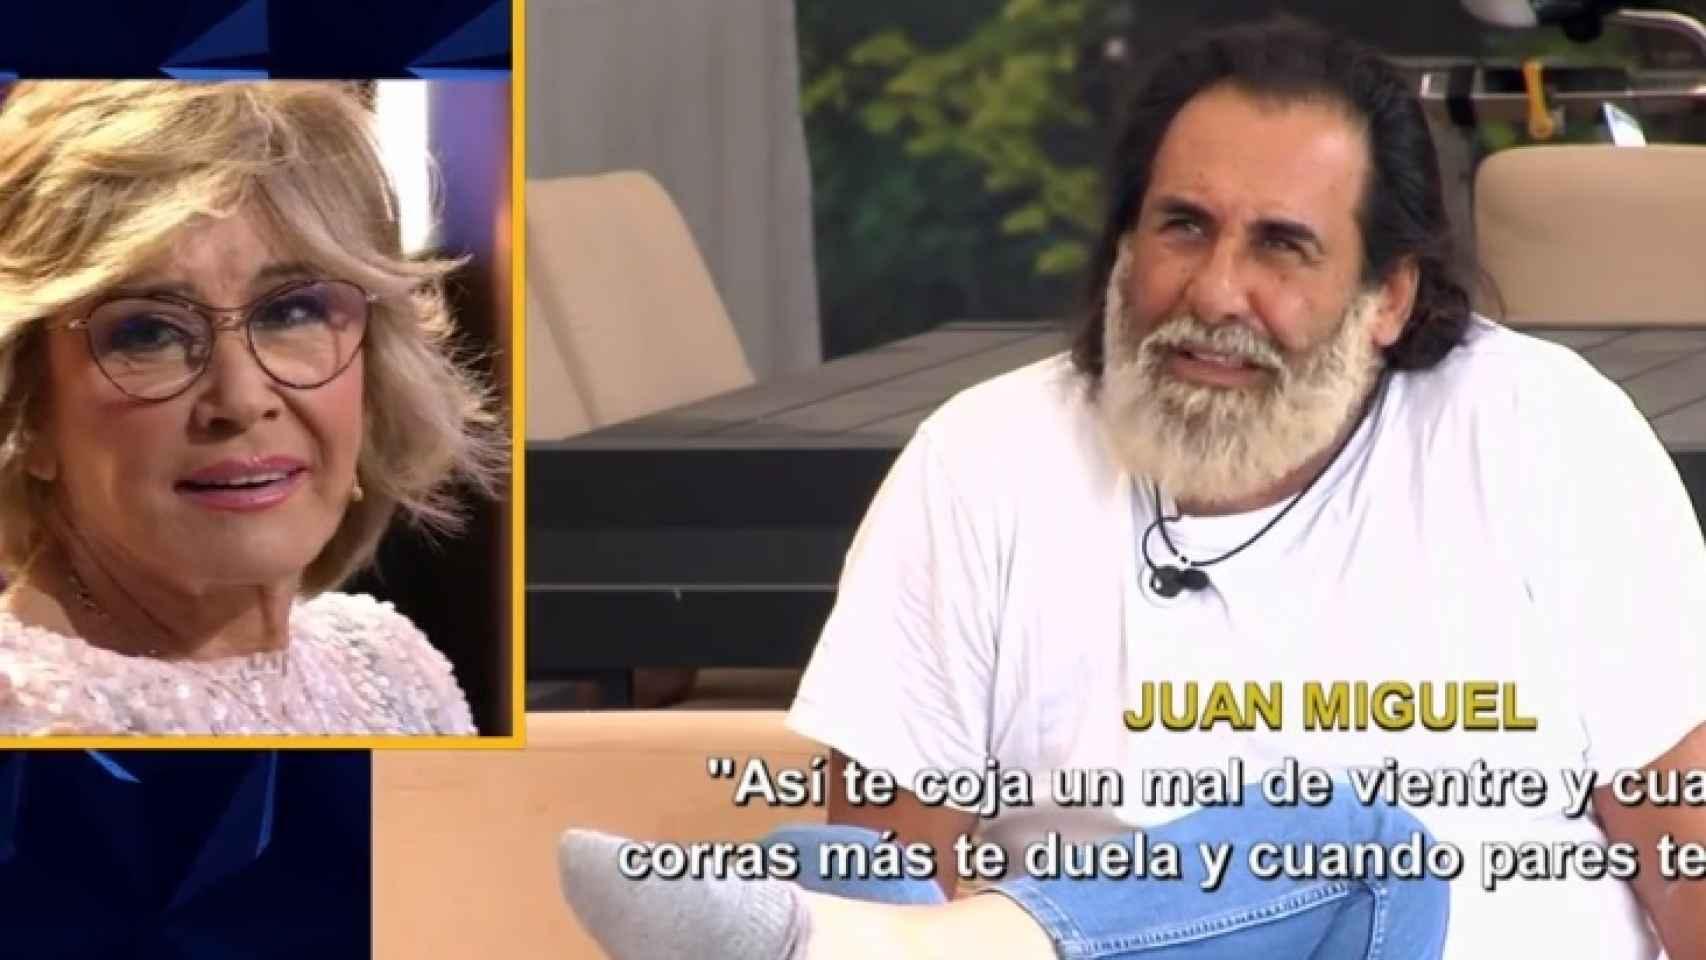 Juan Miguel habla de Mila Ximénez tras las críticas hacia él.